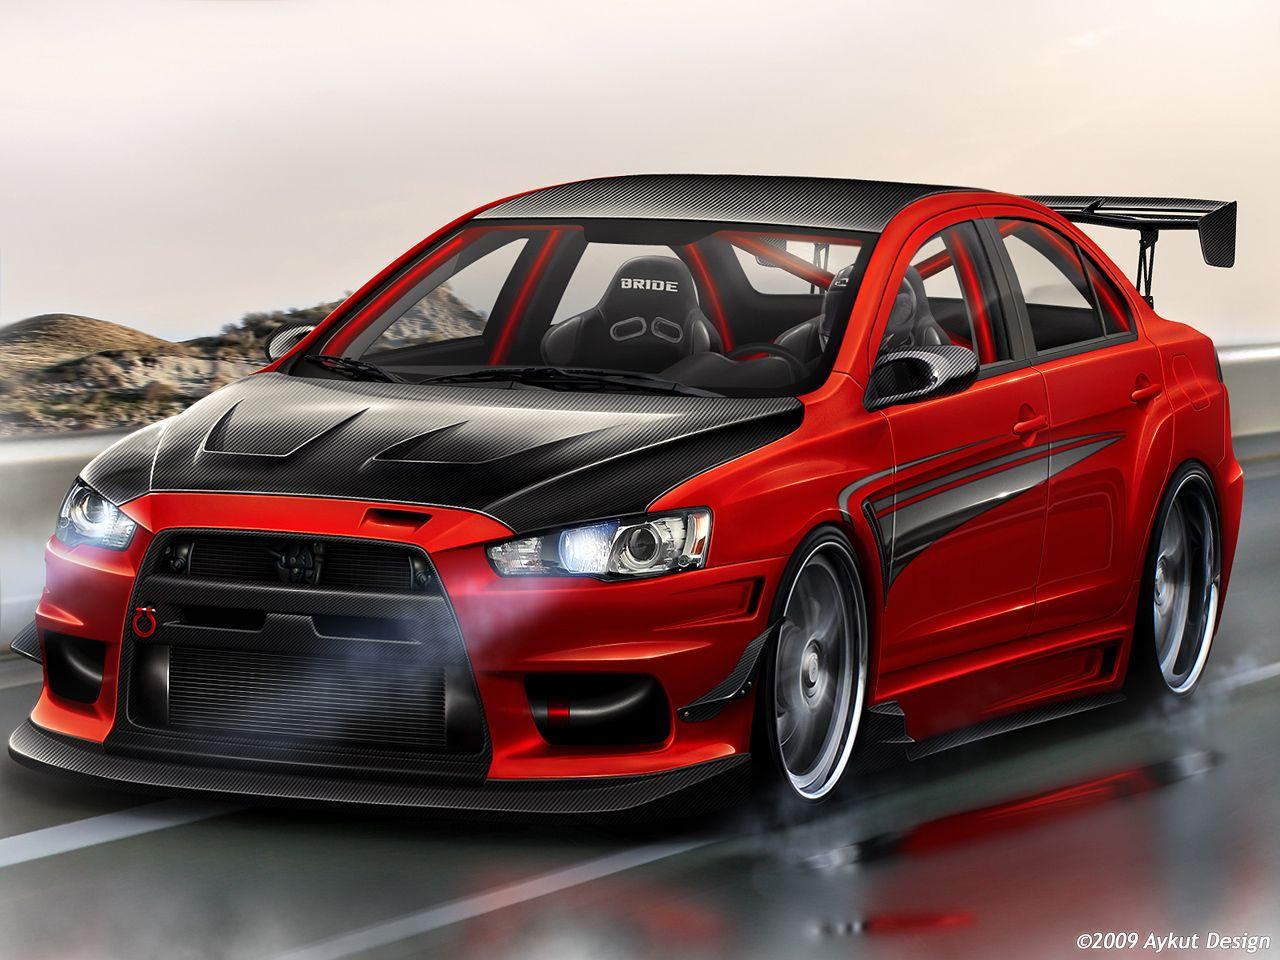 Mitsubishi Lancer Evolution | Mitsubishi lancer, Mitsubishi lancer